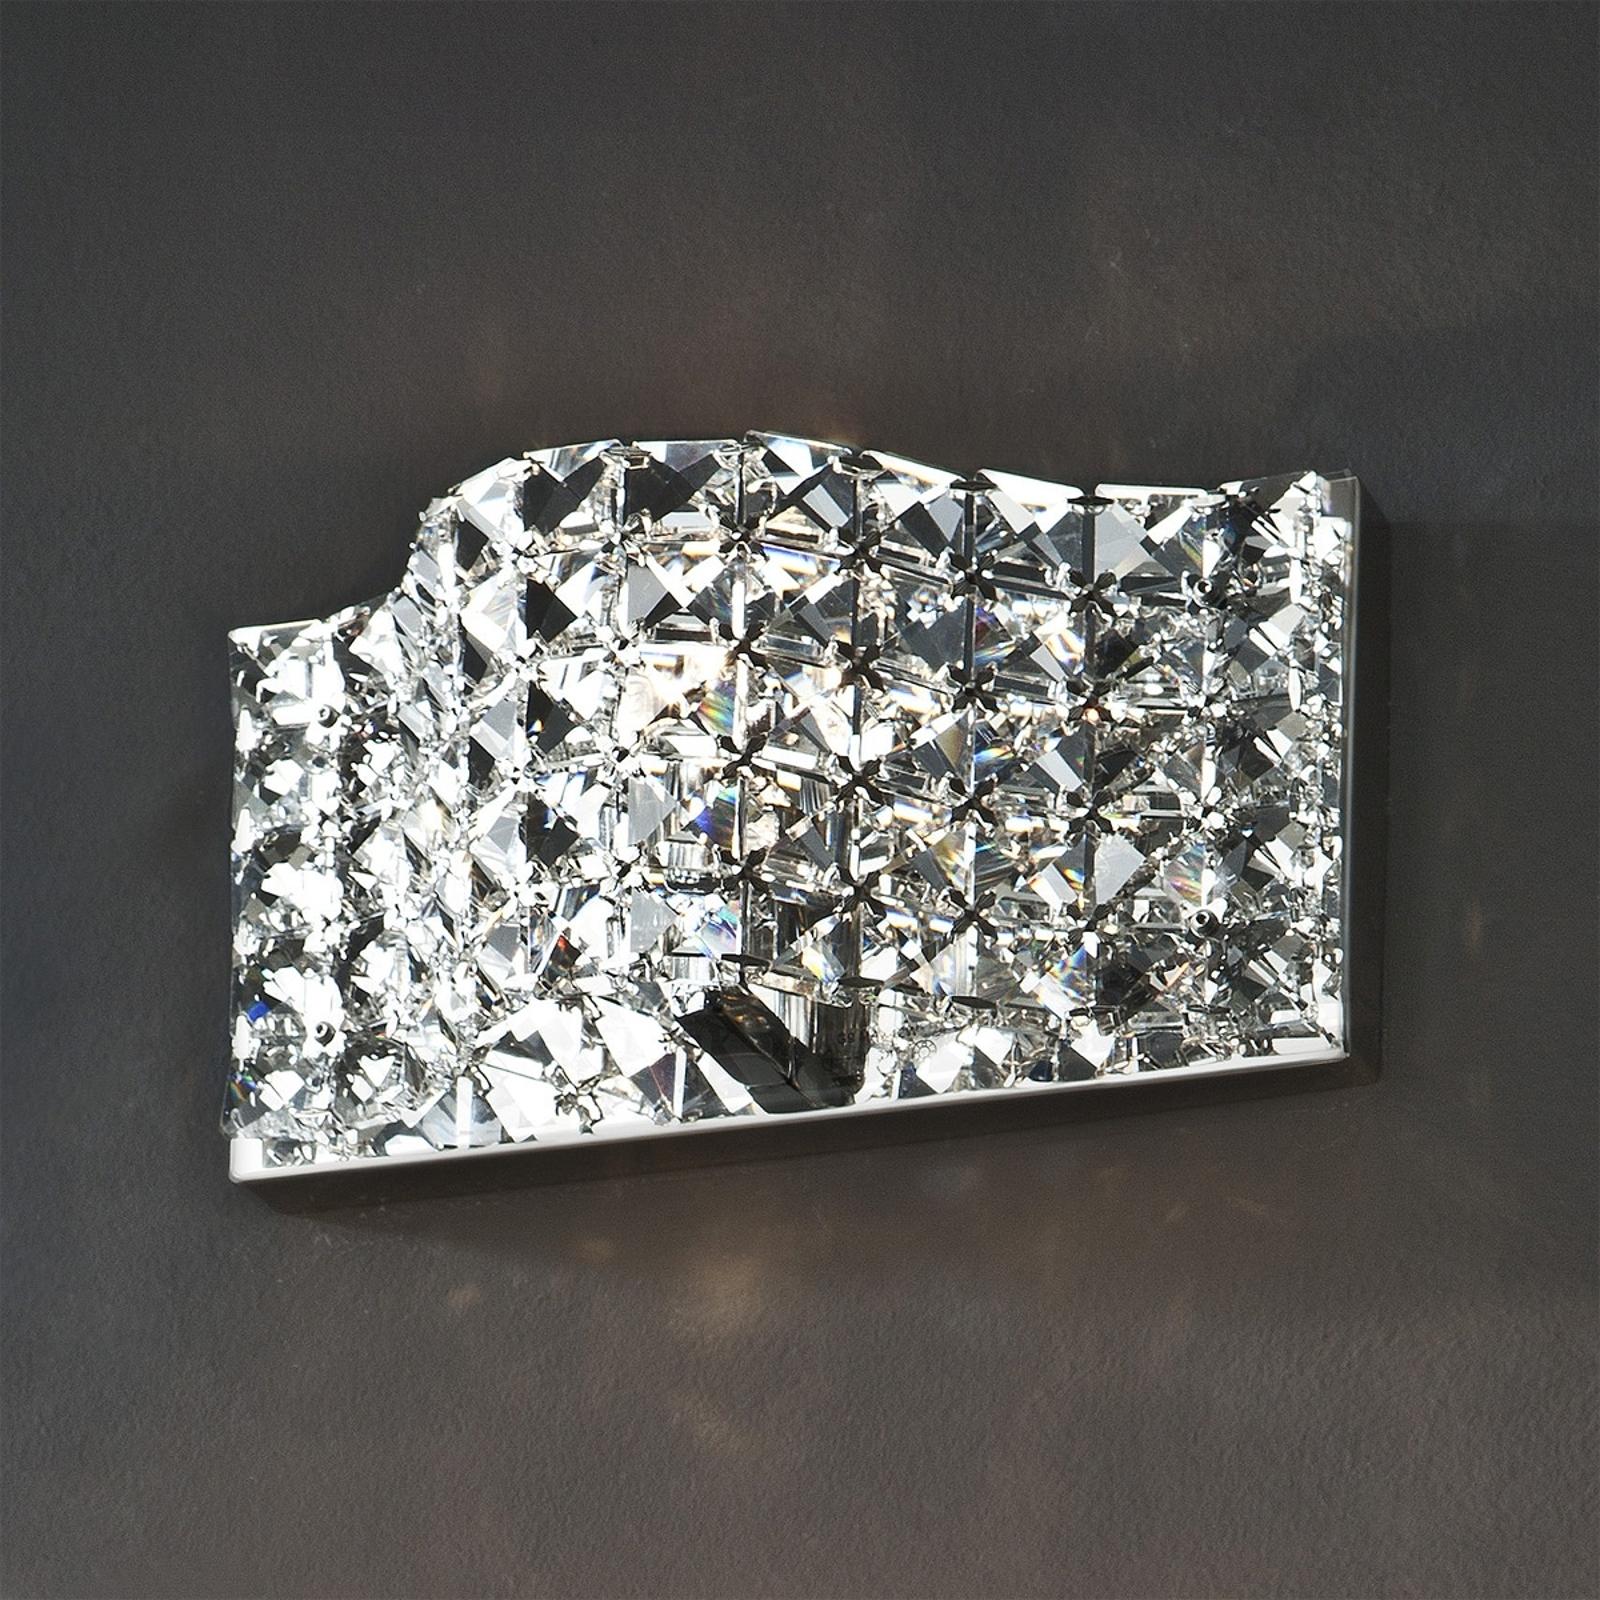 Kristallinen Onda-seinävalaisin, 25 cm